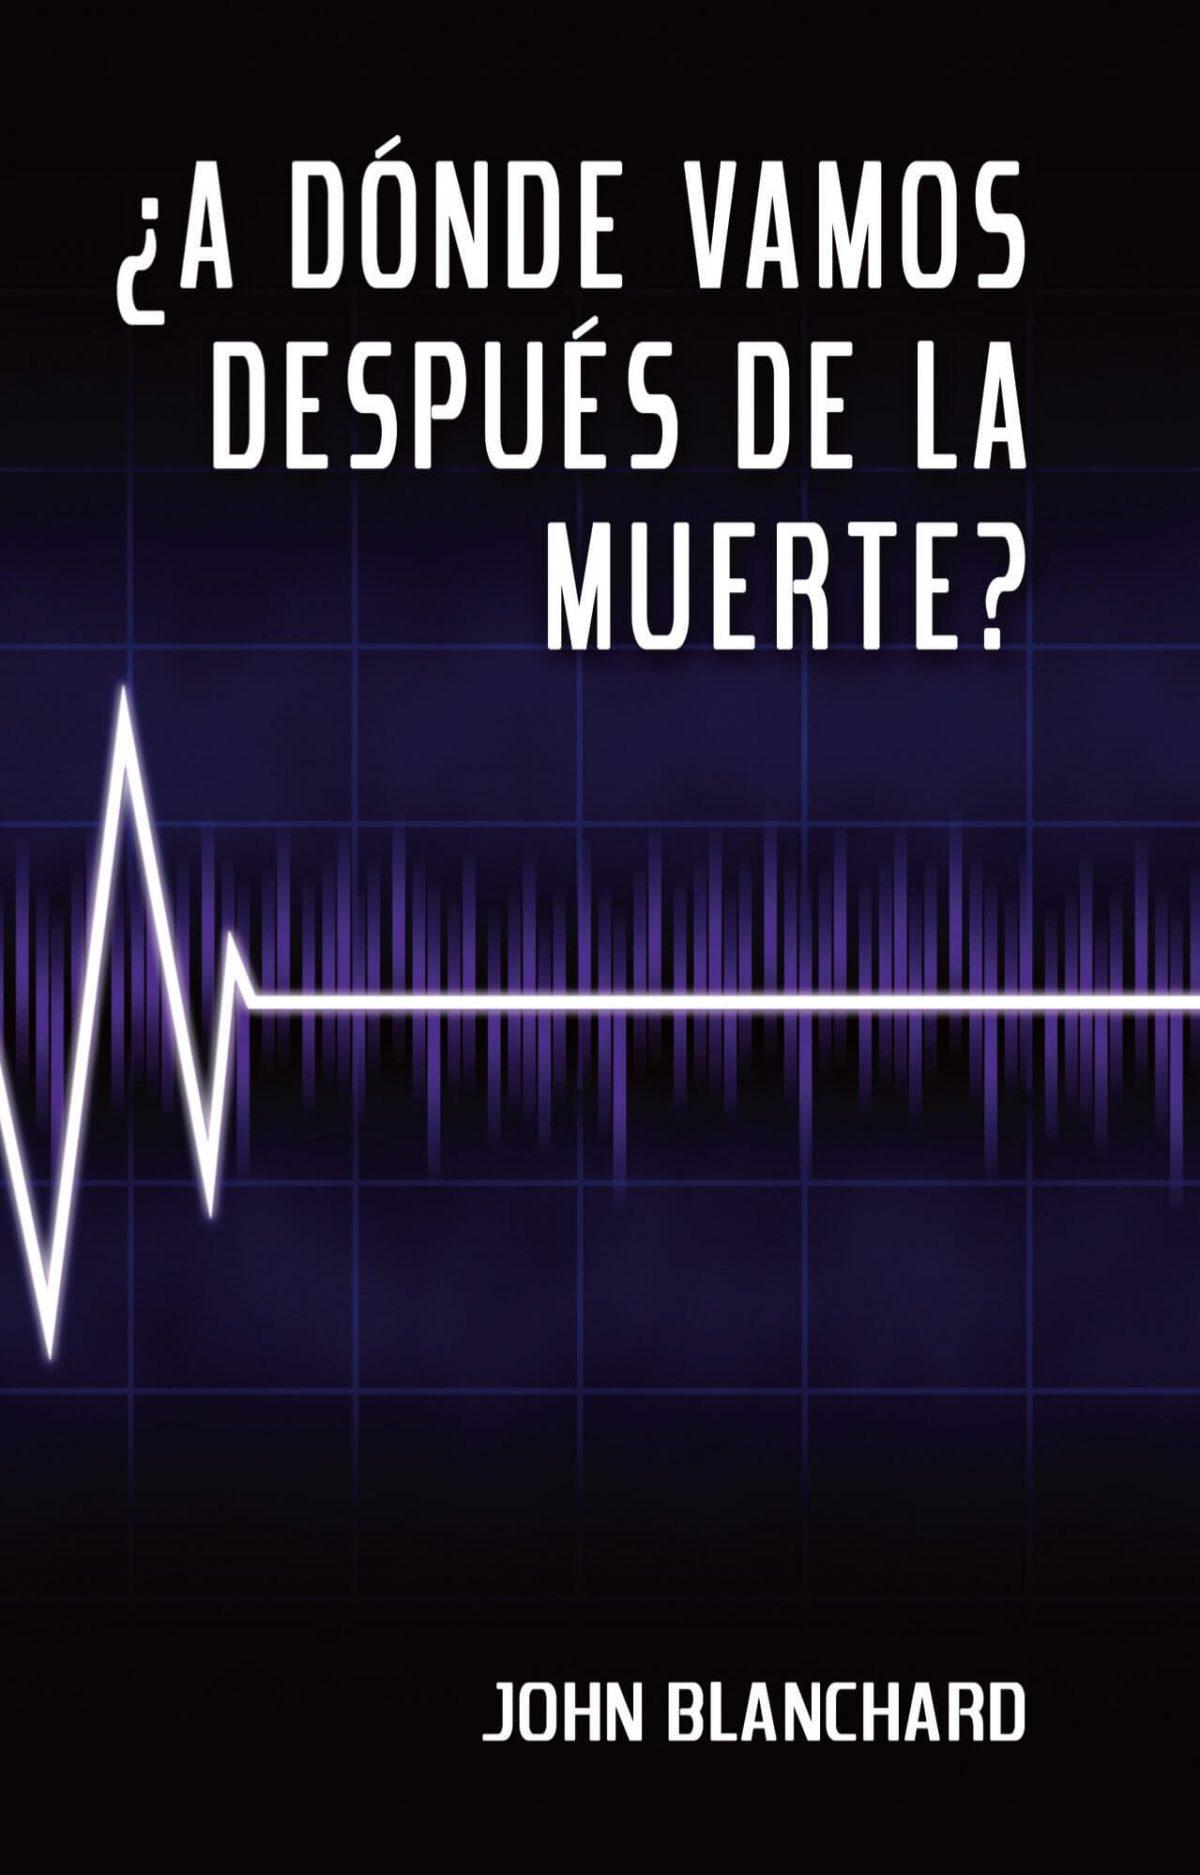 A DONDE VAMOS DESPUES DE LA MUERTE?